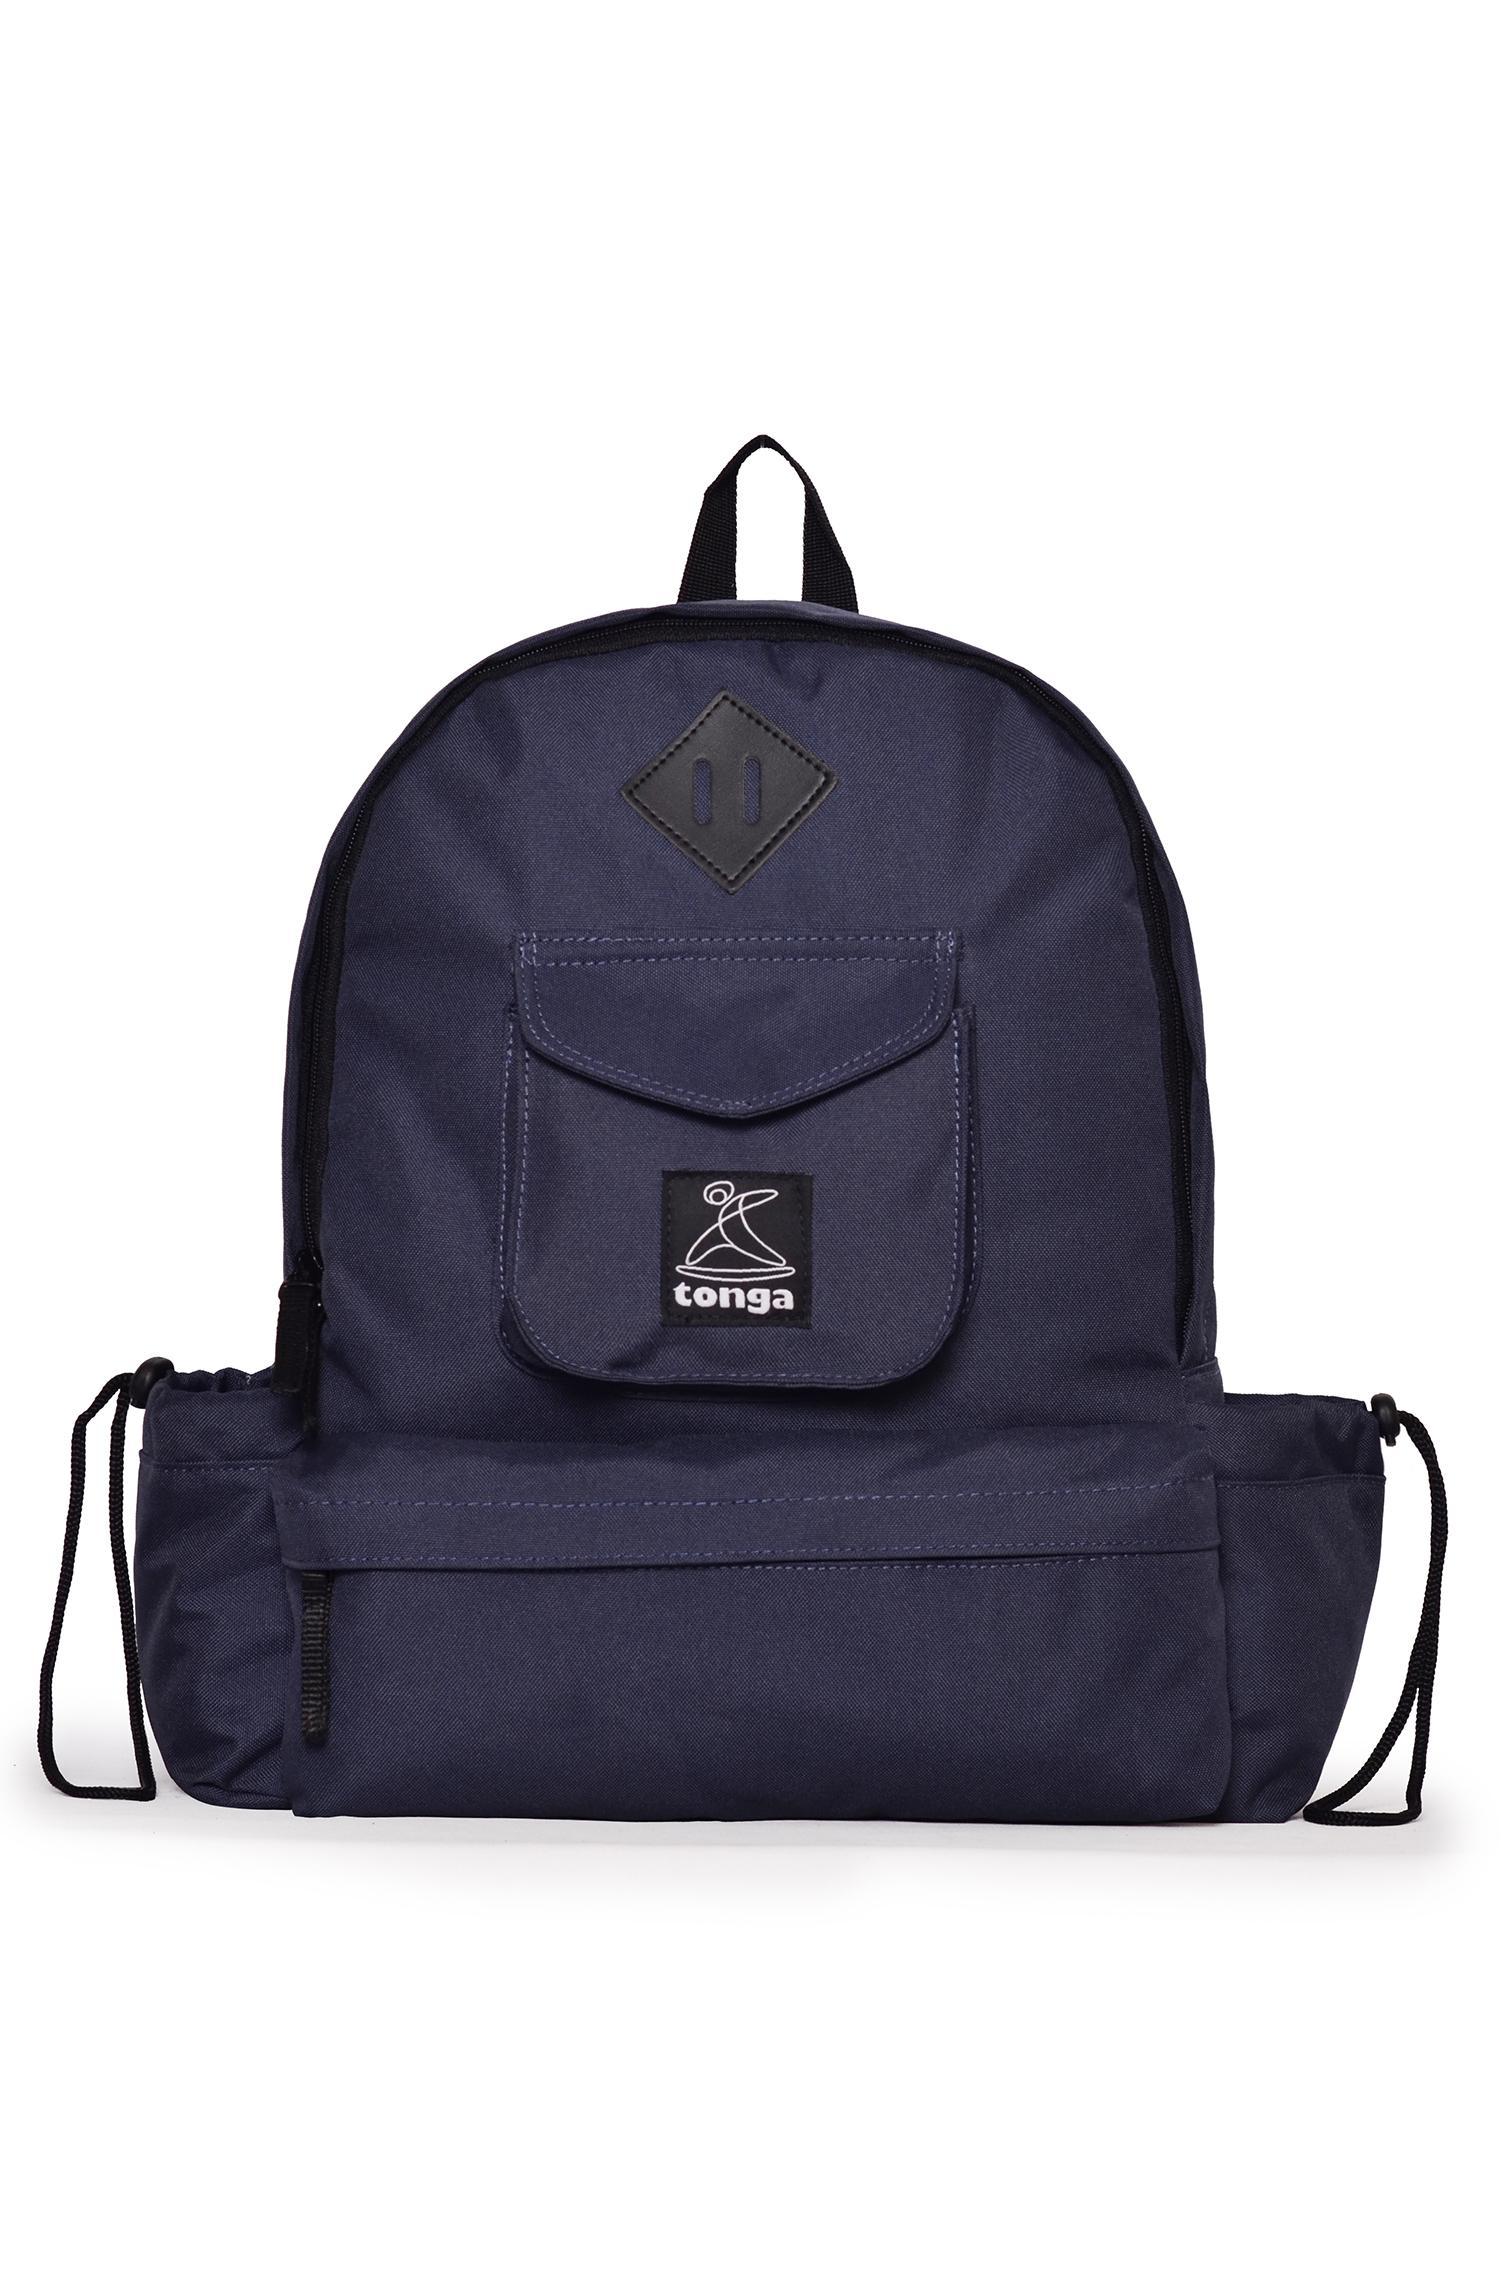 Tas Pria Tas Ransel Pria Backpack Casual Pria 31NV002223 Navy Tonga